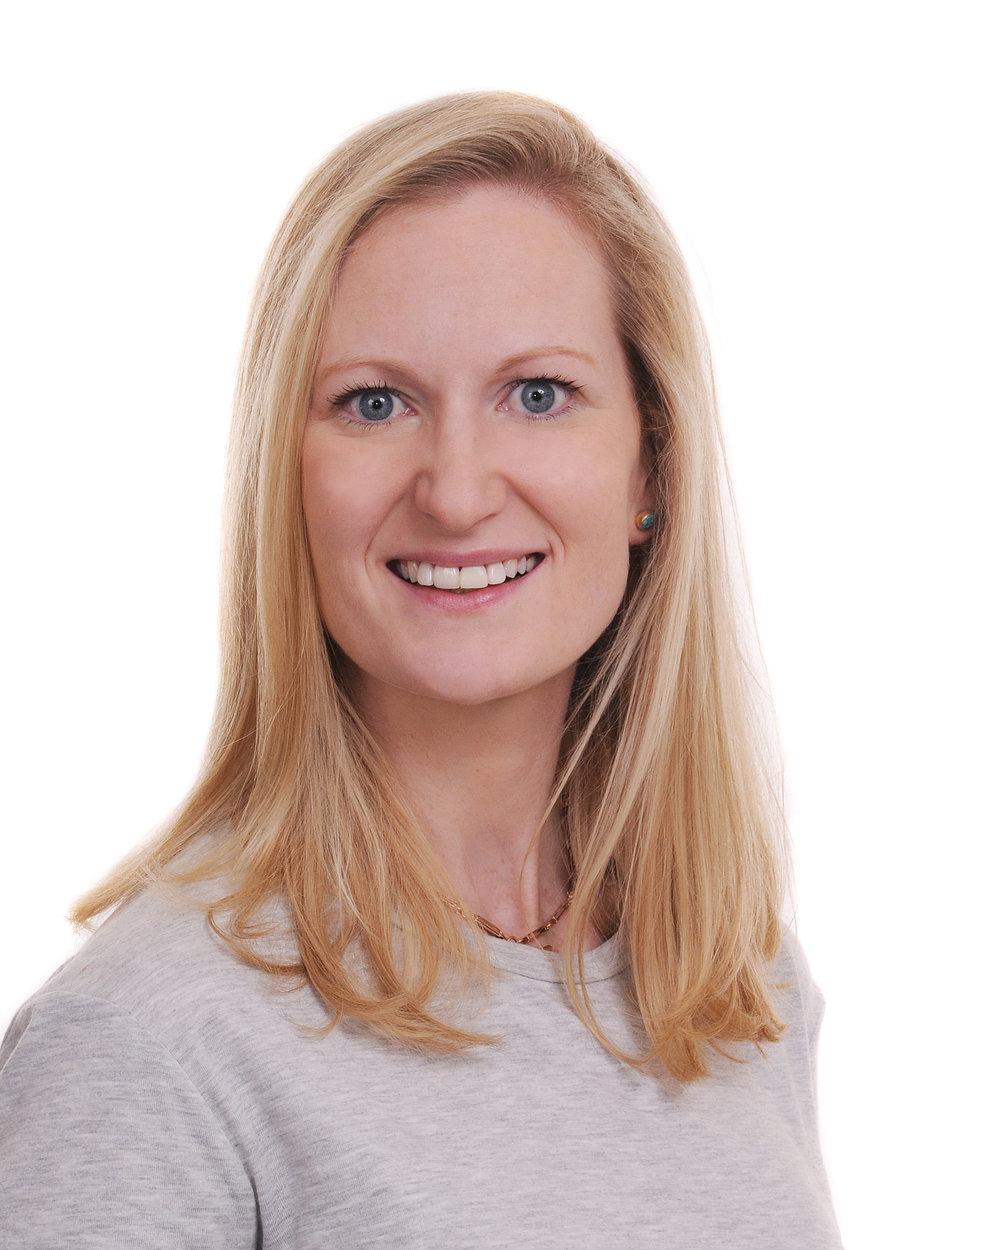 Ellen Roche, PhD